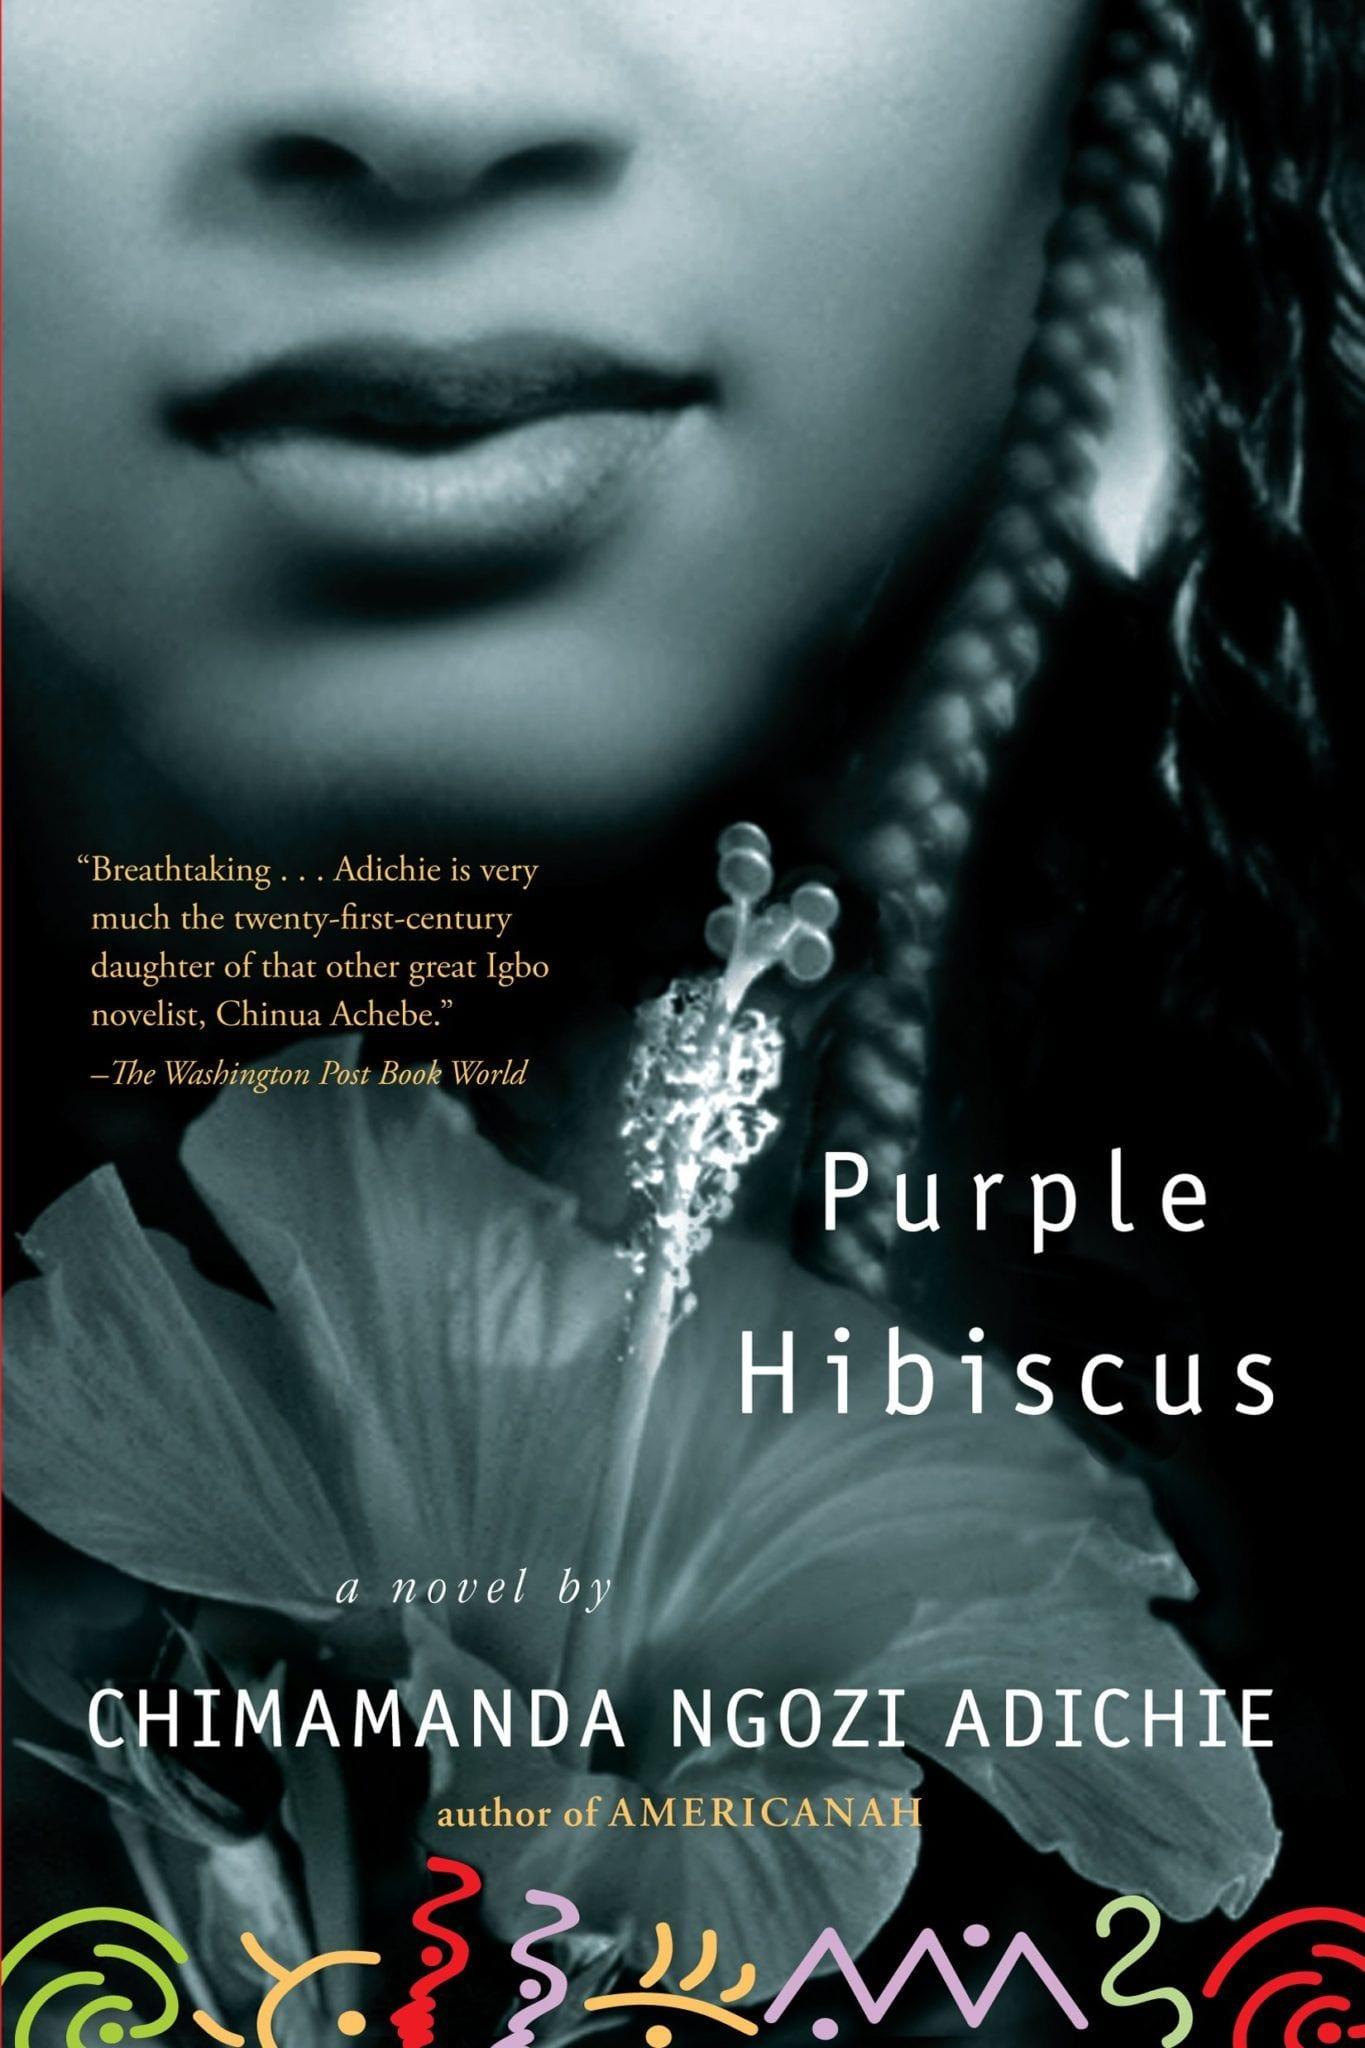 Purple Hibiscus Chimamanda Ngozi Adichie